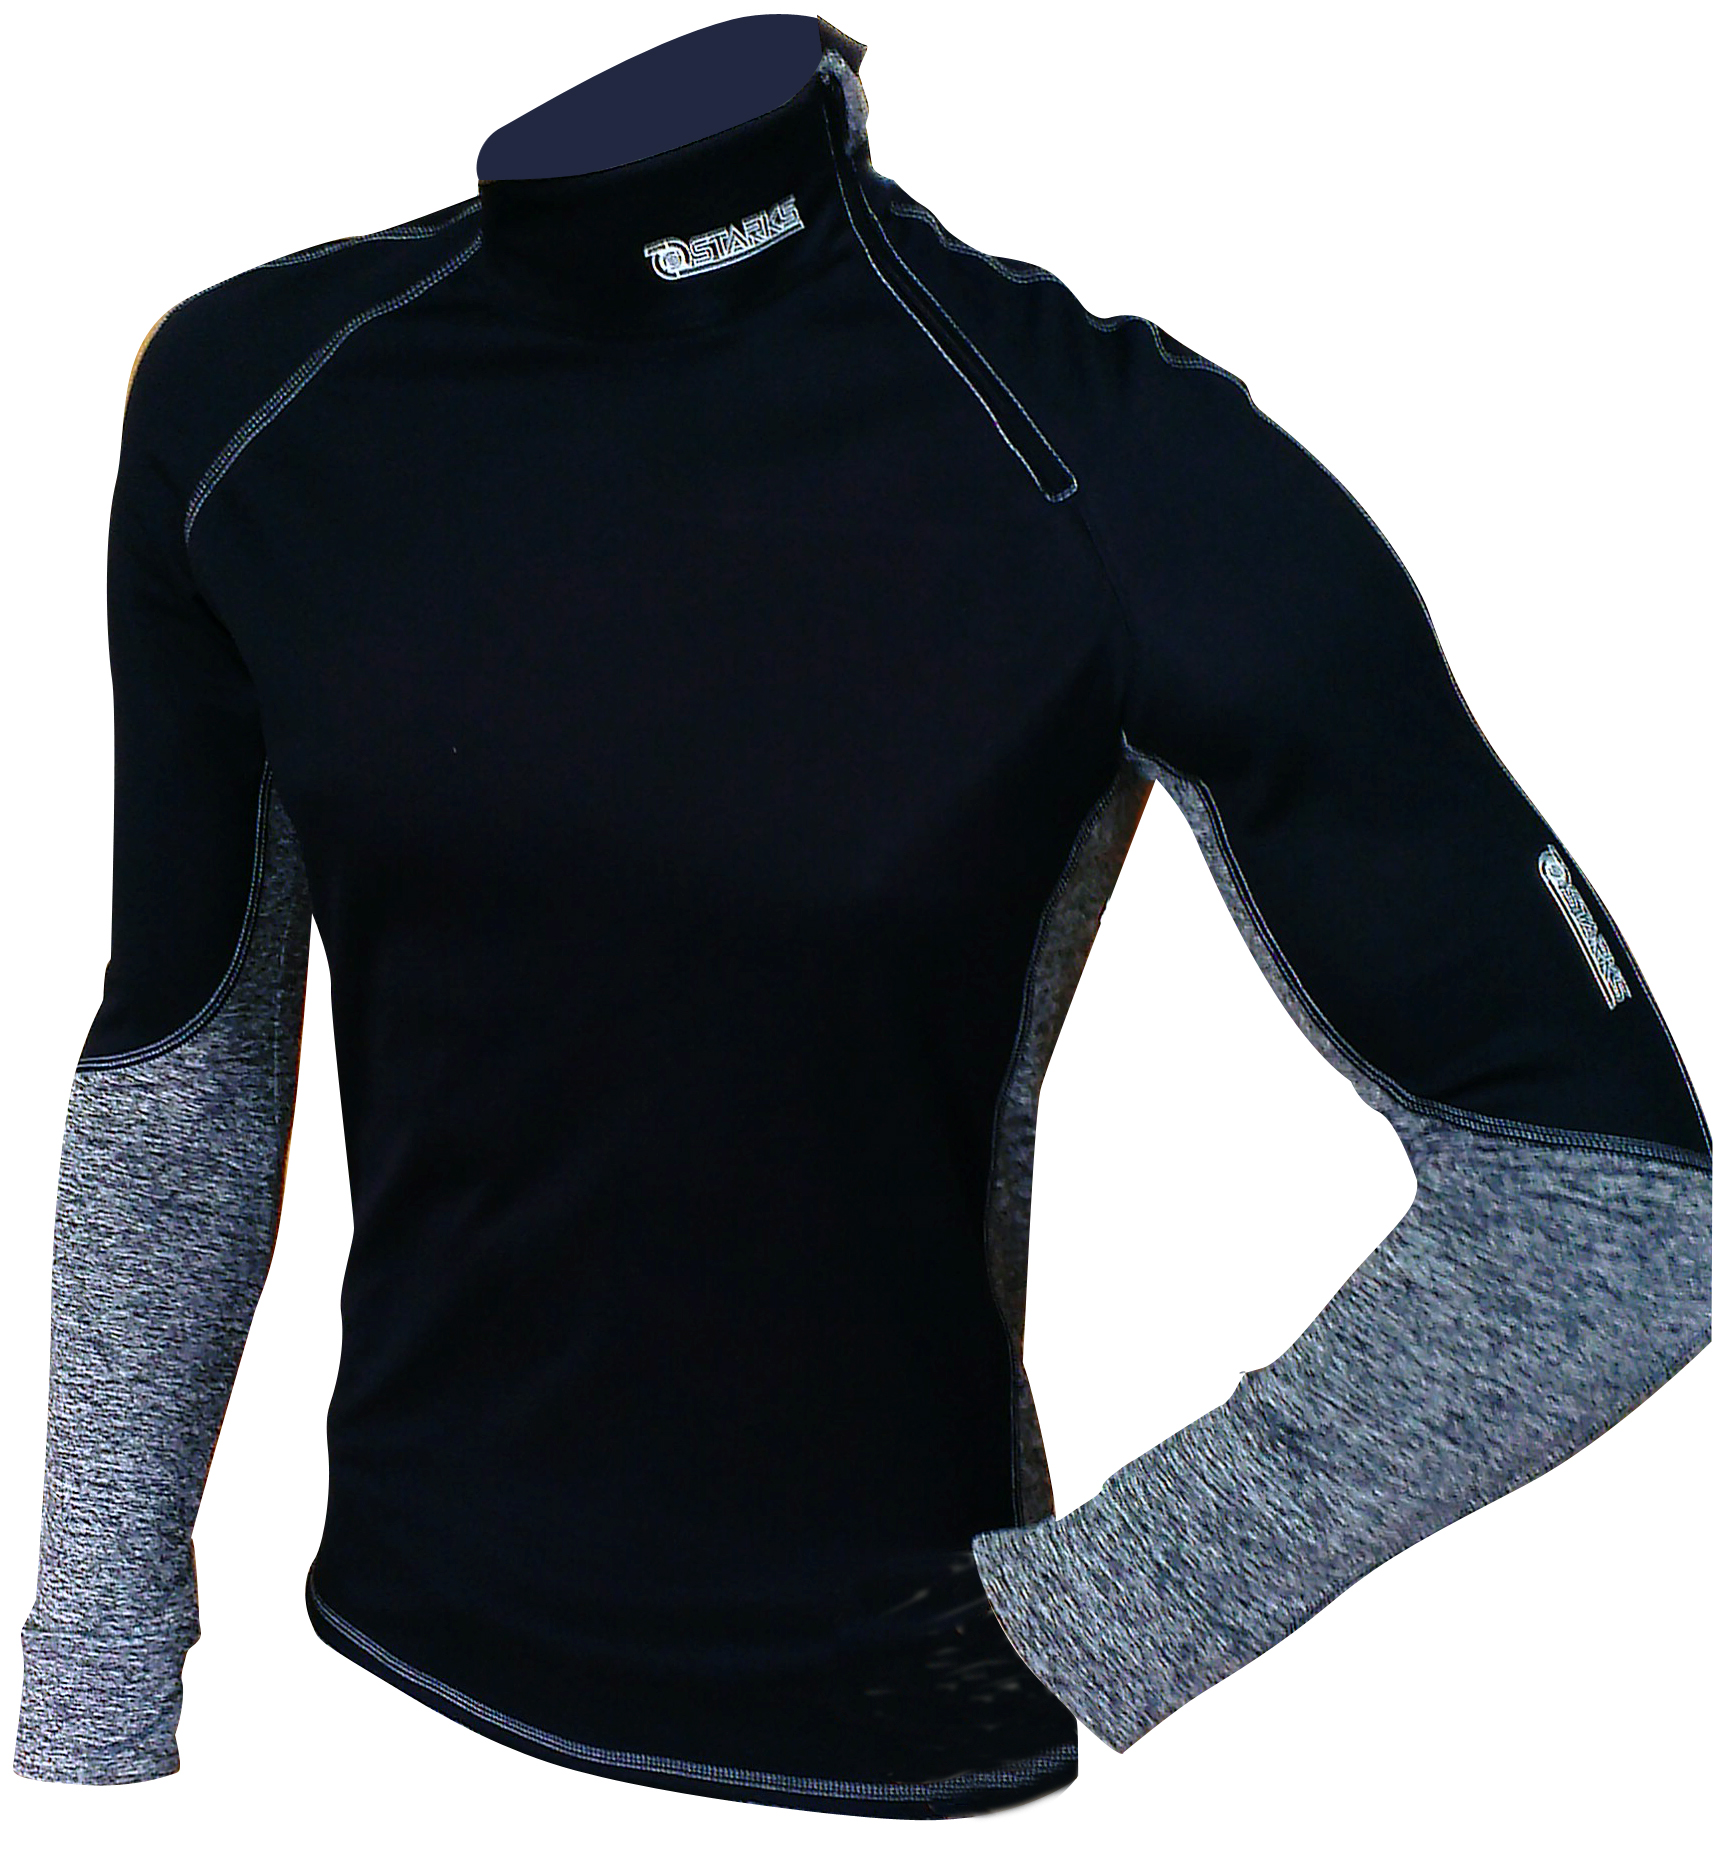 Термобелье кофта Starks Warm Extreme, зимняя, цвет: черный, серый. ЛЦ0012. Размер XLi6HRwhitestrapВысокотехнологичное термобелье Starks Warm Extreme гарантированно на 100% не пропускает ветер, хорошо тянется и выпускает влагу наружу.Белье рекомендуется для использования не только спортсменам зимних видов спорта, но и парашютистам, мотоциклистам, велосипедистам - всем, кто испытывает дискомфорт при сильном ветре, повышенной влажности. Анатомическое, выполнено из европейской сертифицированной ткани PolarStretch и WindStopper. Высокие эластичные свойства материала позволяют белью максимально повторять индивидуальную анатомию тела. Отличные влагоотводящие свойства, позволяют телу оставаться сухим. Термоизоляционные свойства, позволяют исключить переохлаждение или перегрев. Воротник стойка обеспечивает защиту шеи от холода. Застежка-молния обеспечивает легкое одевание кофты.Особенности: - Stop Bacteria - ткань с ионами серебра, предотвращает образование и развитие бактерий. Исключено образование запаха.-Защита от перегрева или переохлаждения.-Система мягких и плоских швов.-Гипоаллергенно. Состав: 92% полиэстер, 8% эластан.